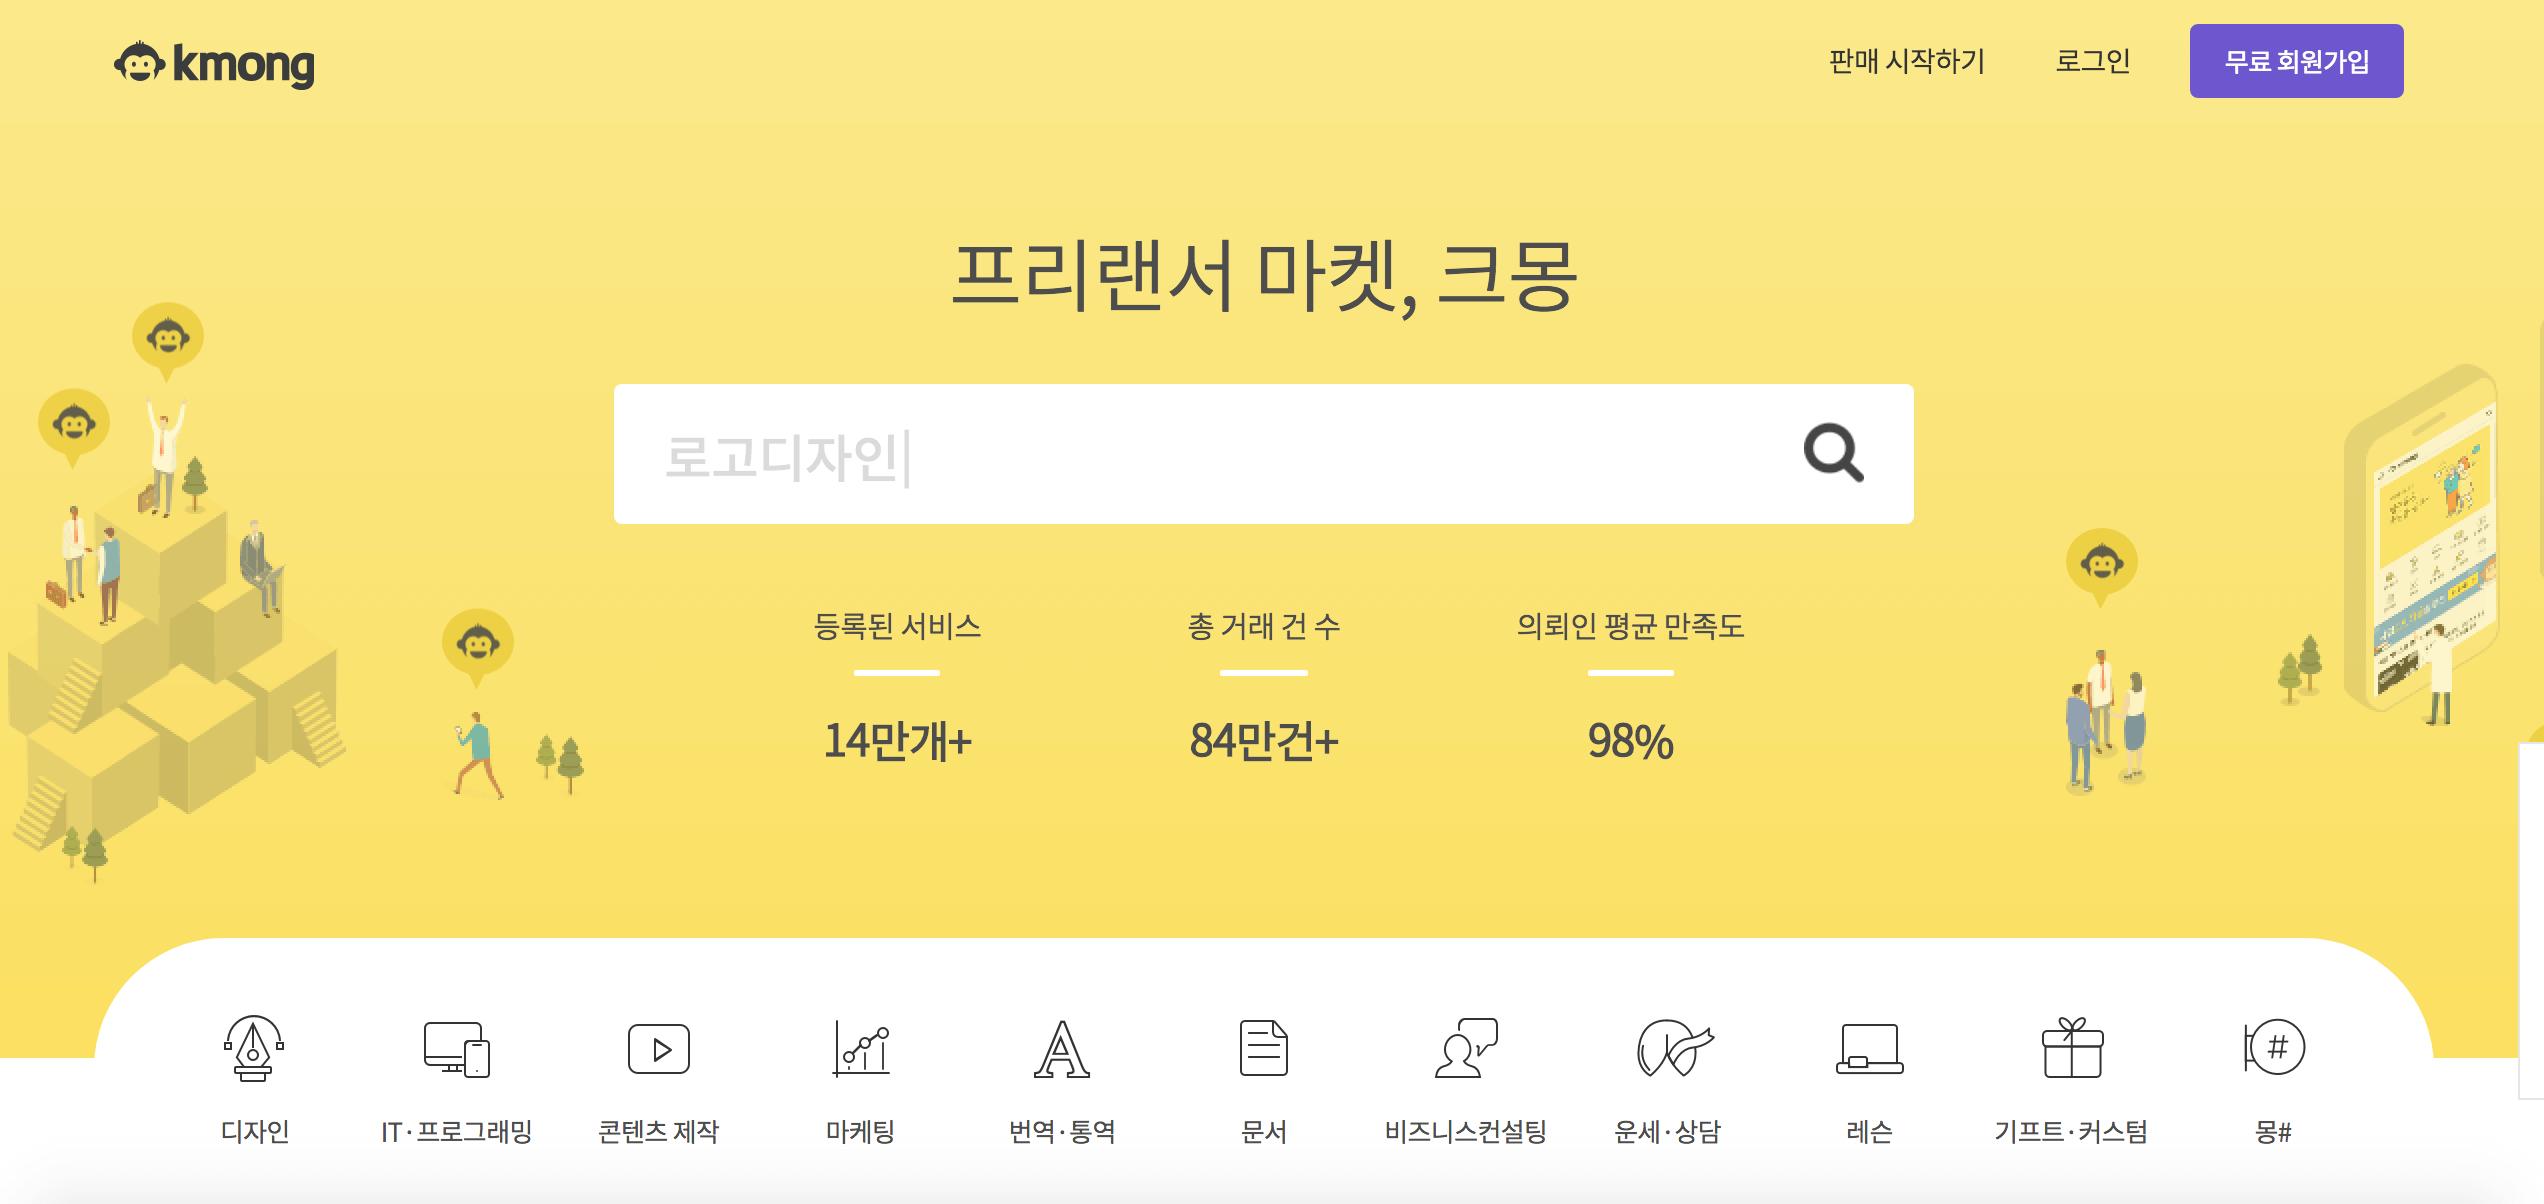 韓国仕事クラウドソーソングサイト02